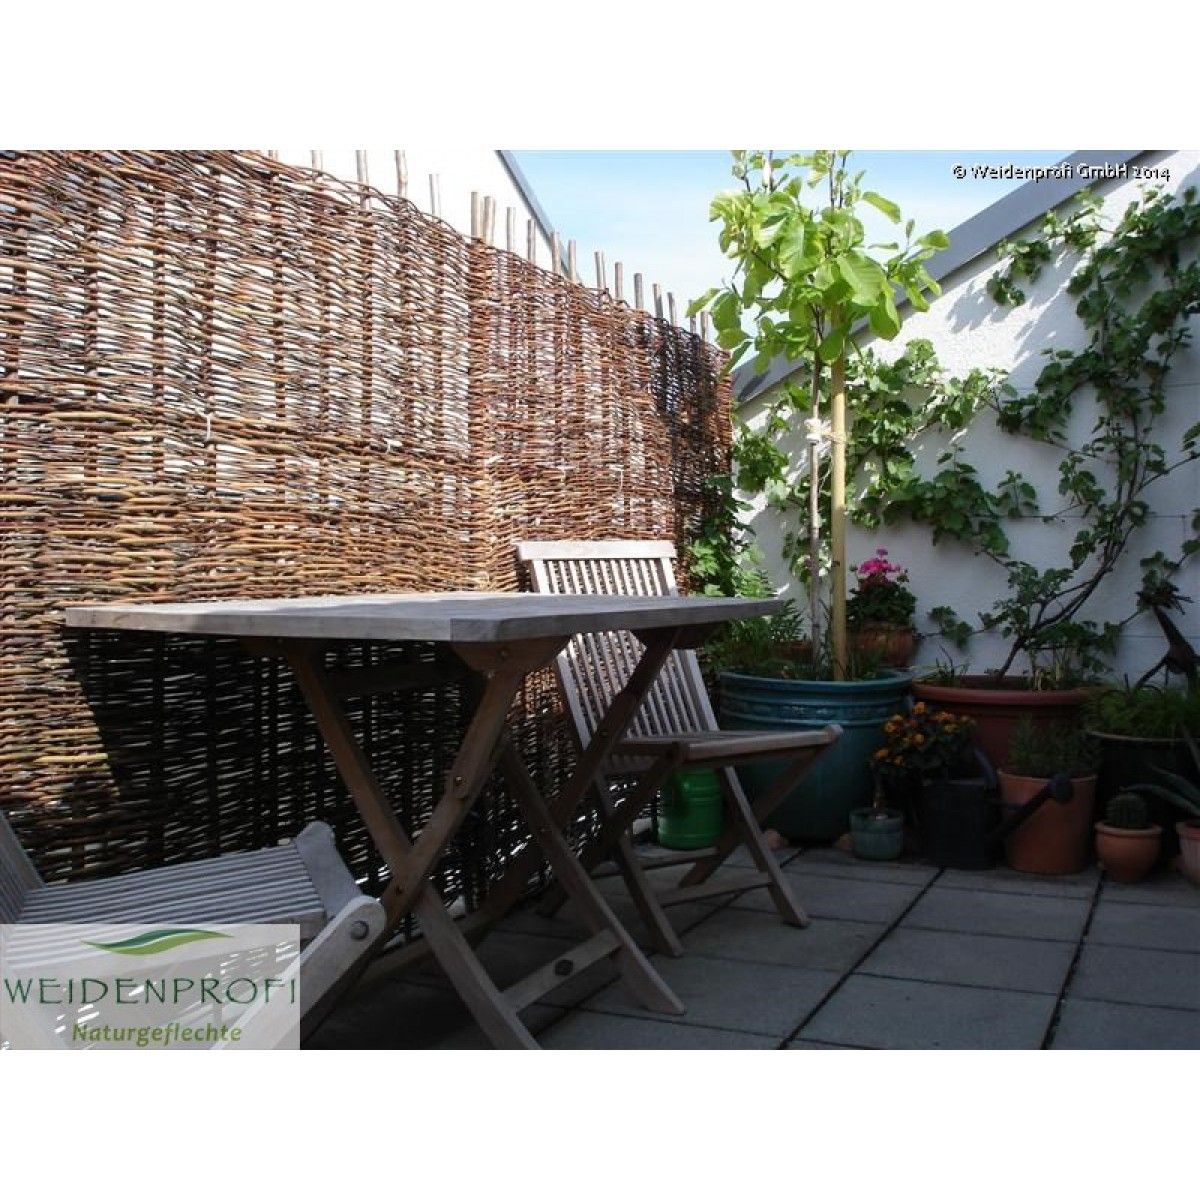 Sichtschutz Weide head Fence, Home decor, Room divider